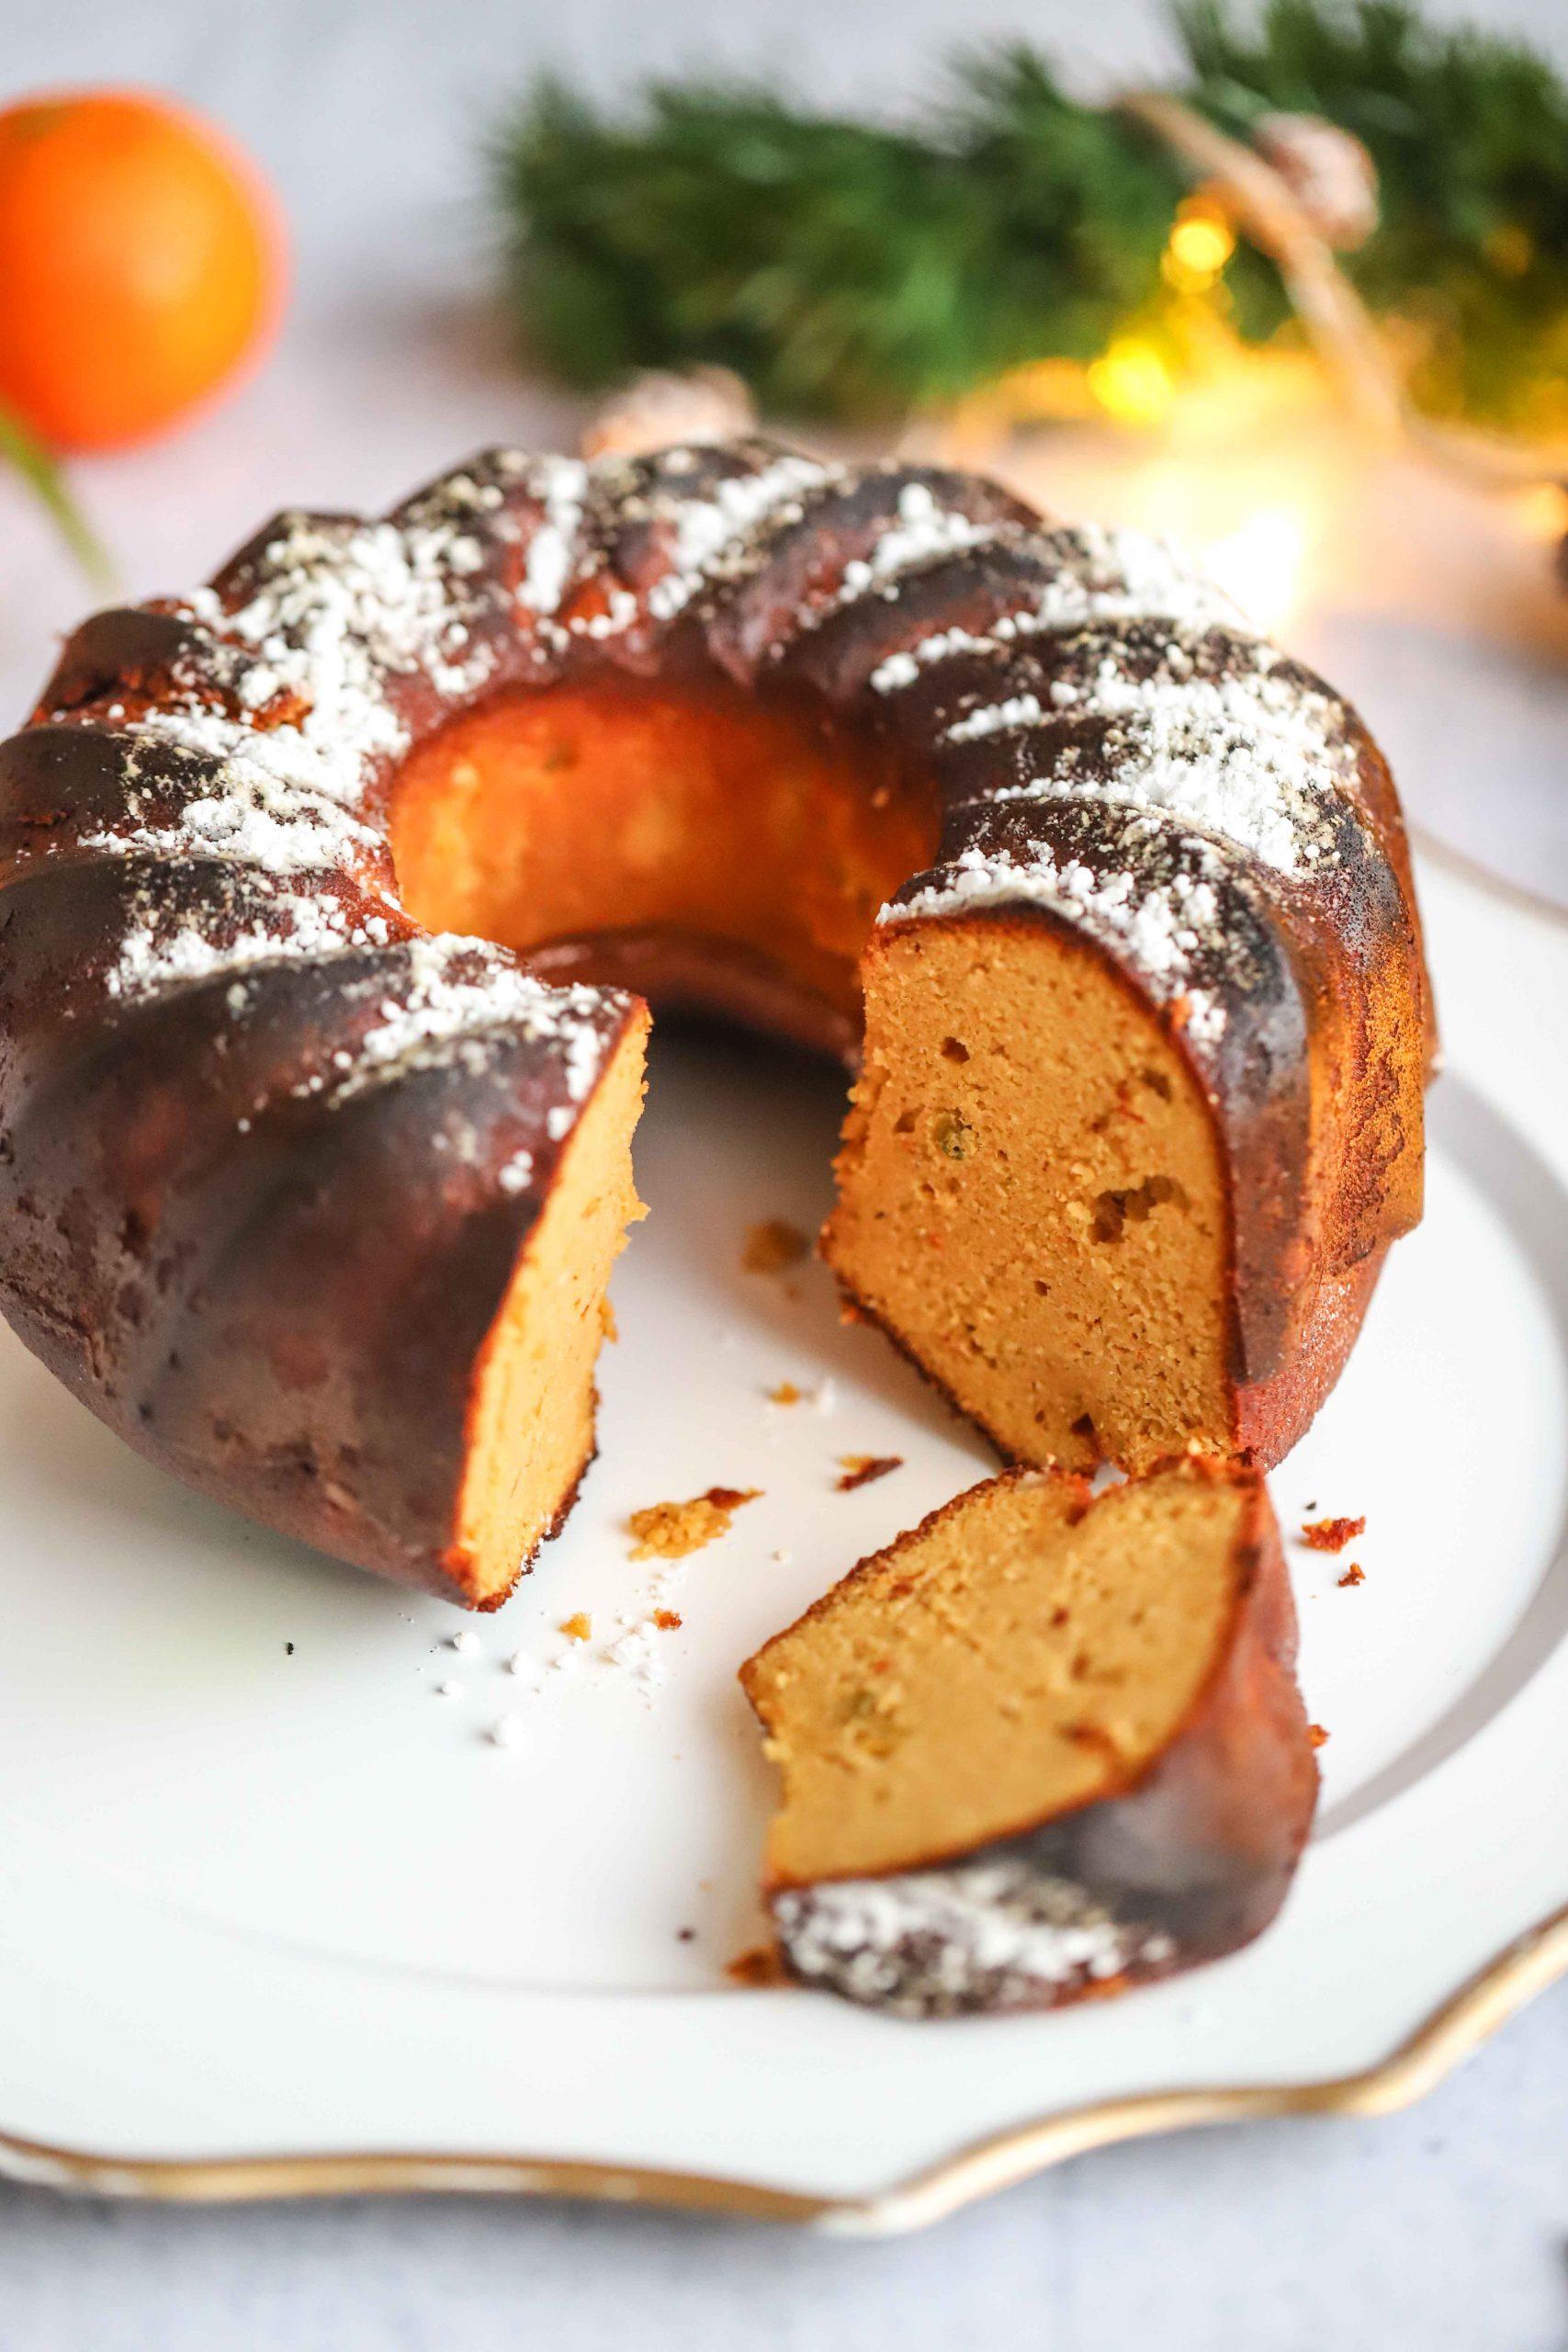 Clementine Almond Bundt Cake